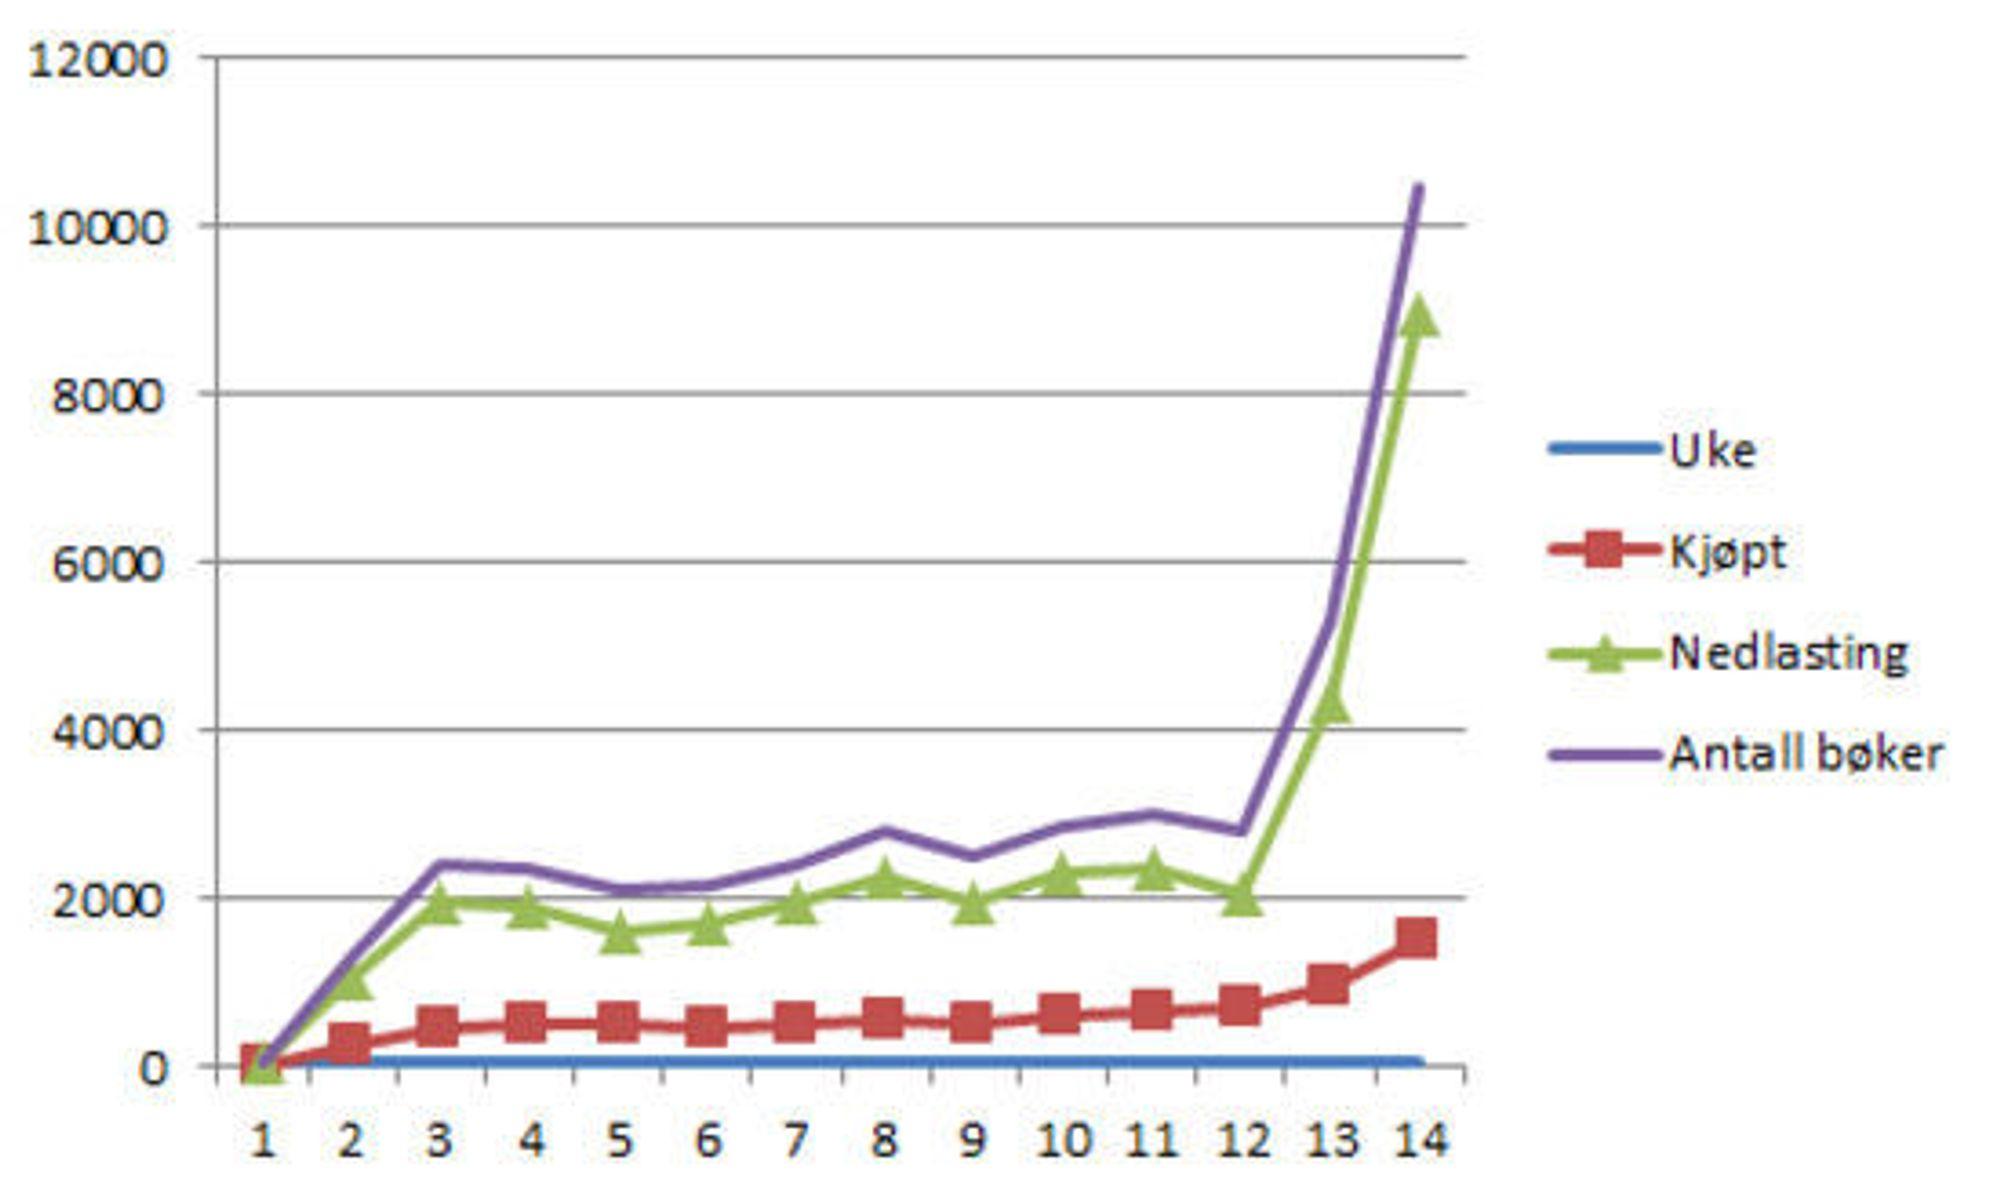 Grafen viser nedlastinger av kjøpte bøker (rød linje), frieksemplarer (grønn linje) og totalt per uke frem til uke 52 i 2011.